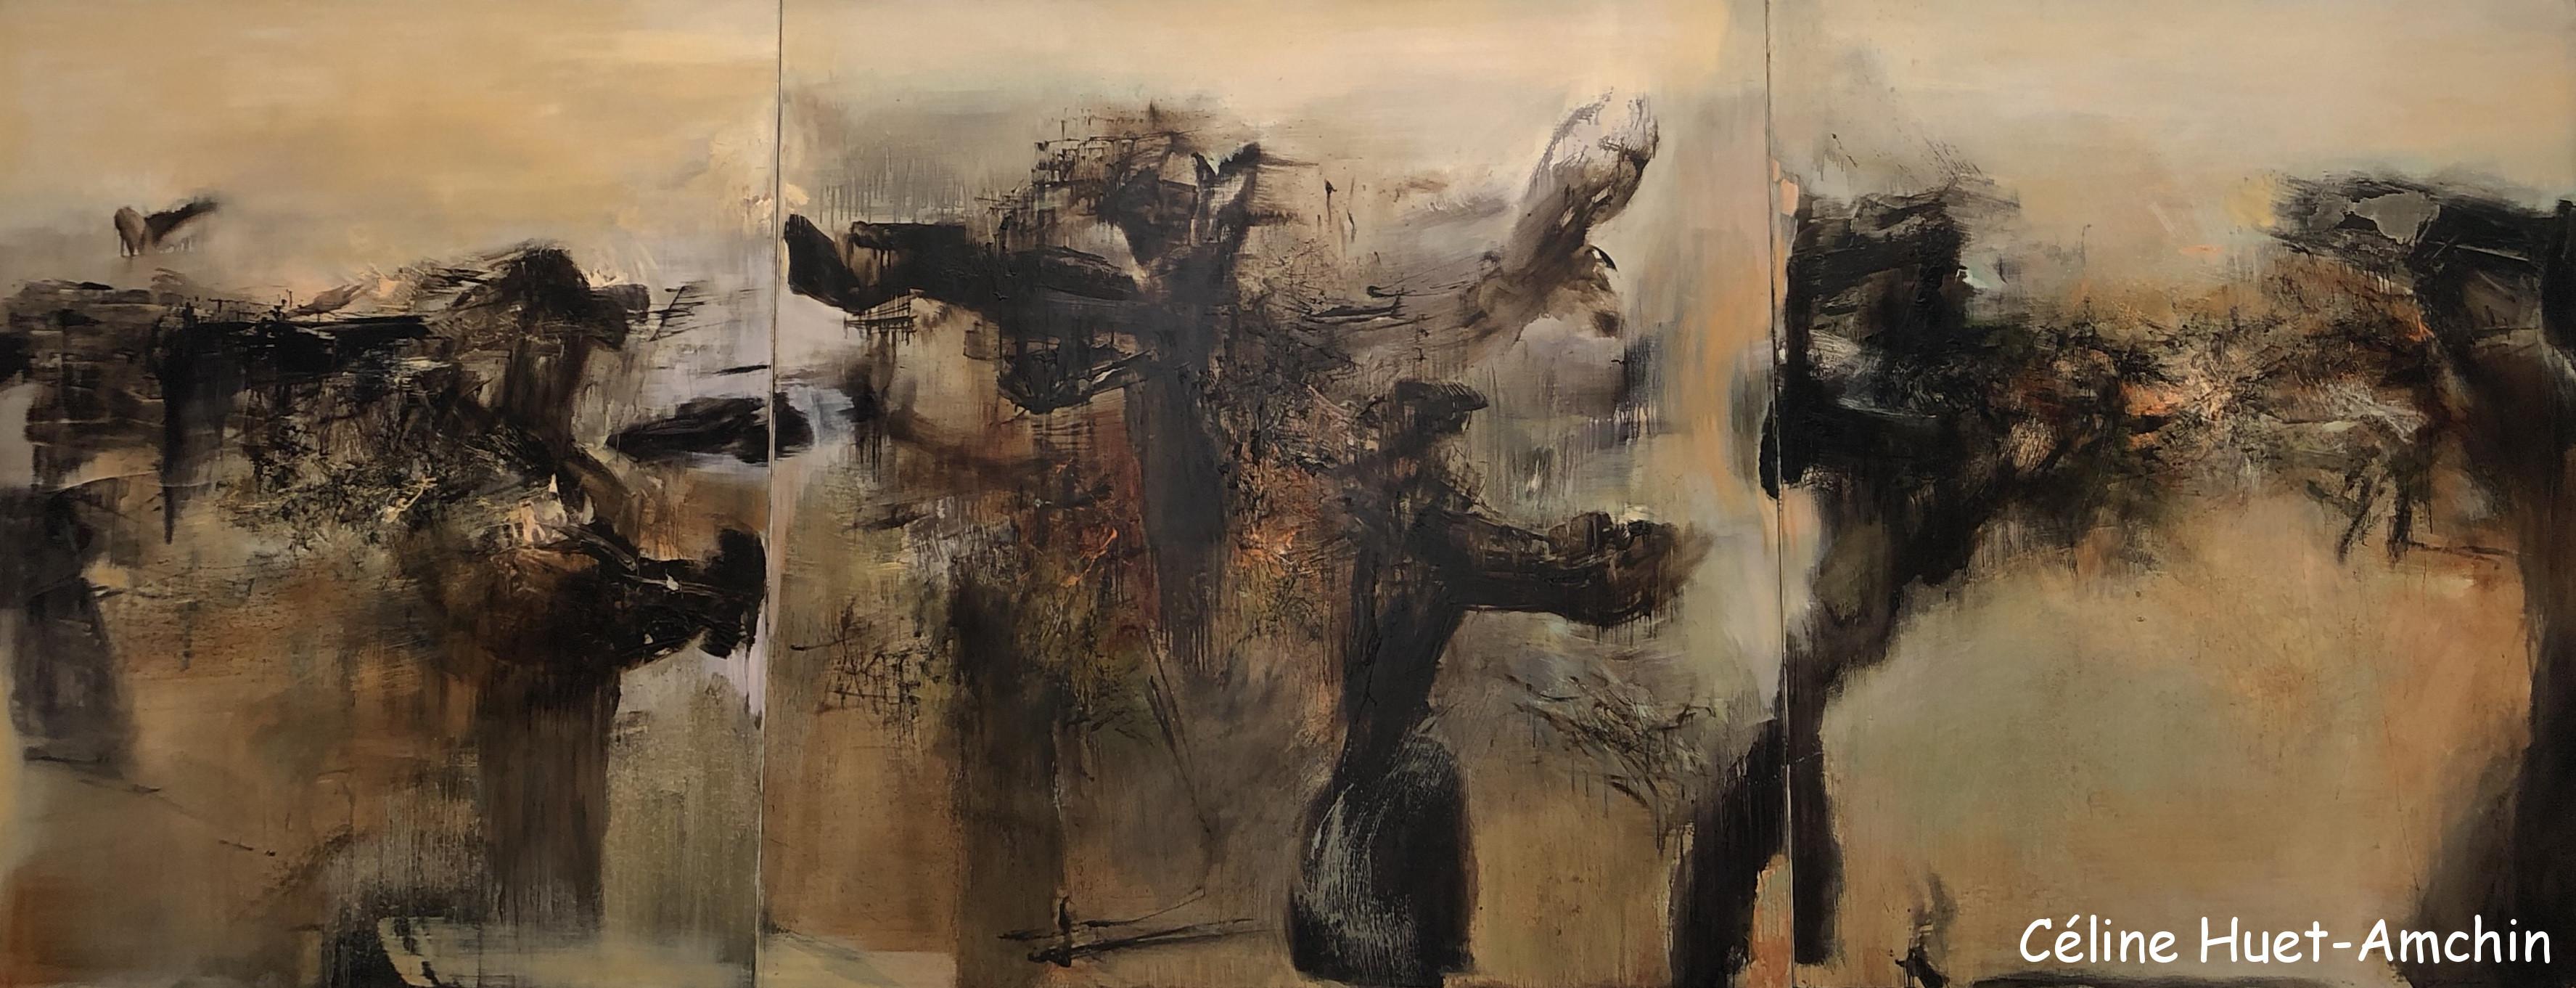 Hommage à André Malraux Triptyque 1976 Zao Wou-Ki L'espace est silence MAM Paris